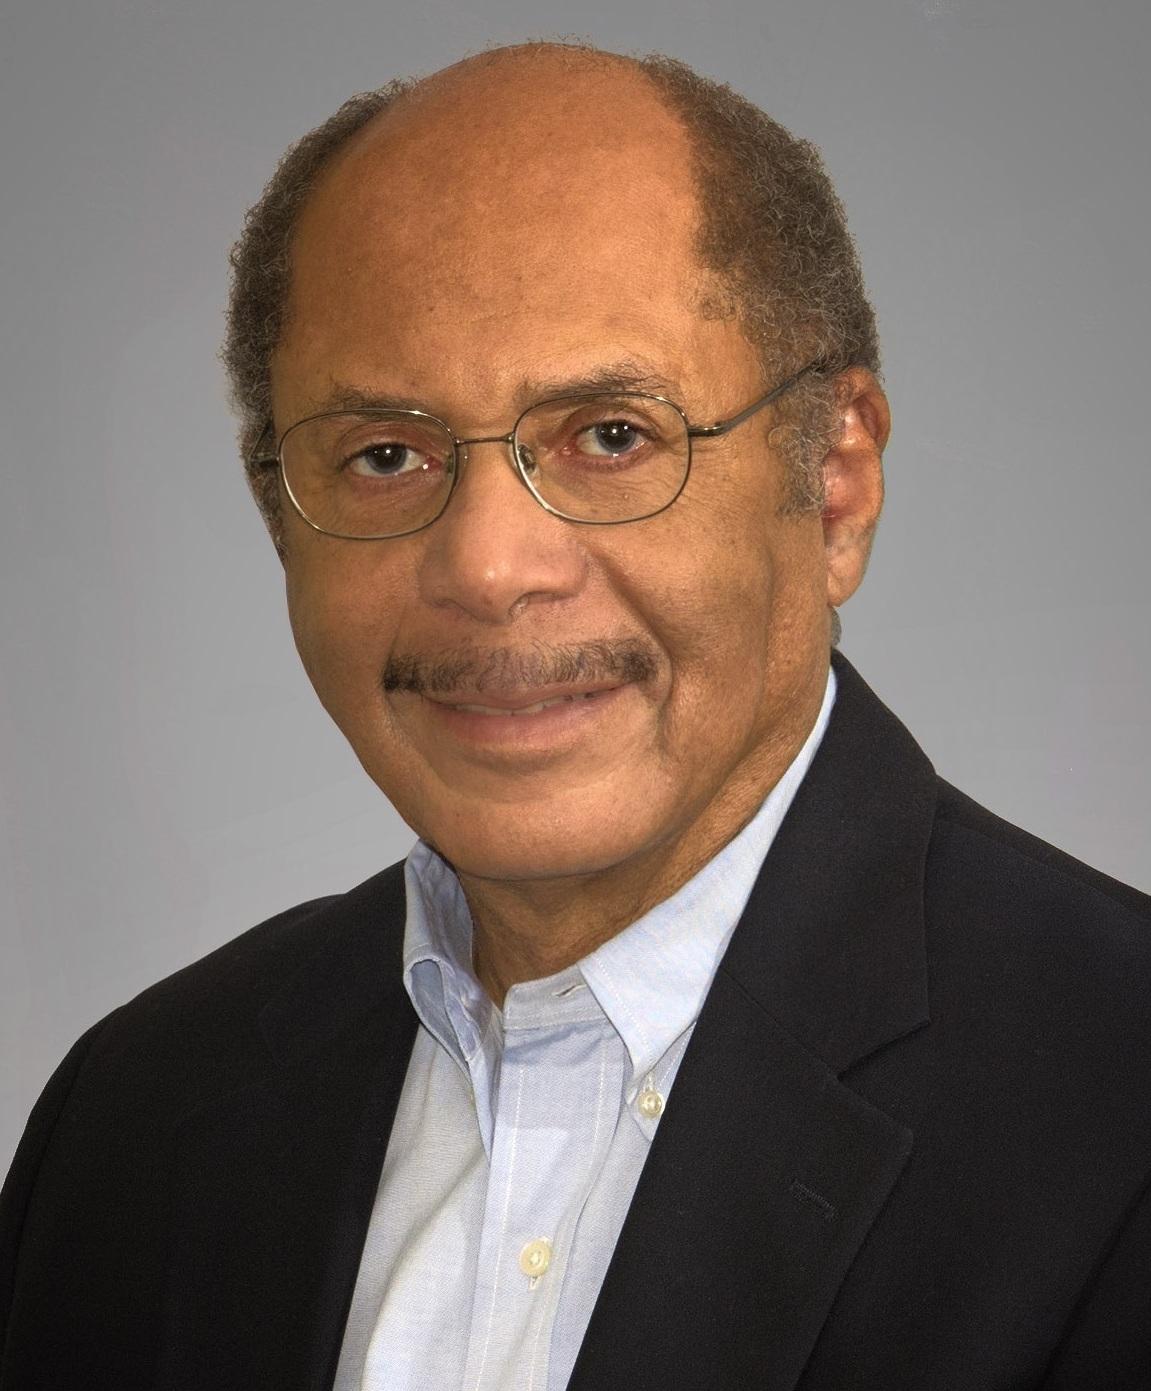 Melvin Garner